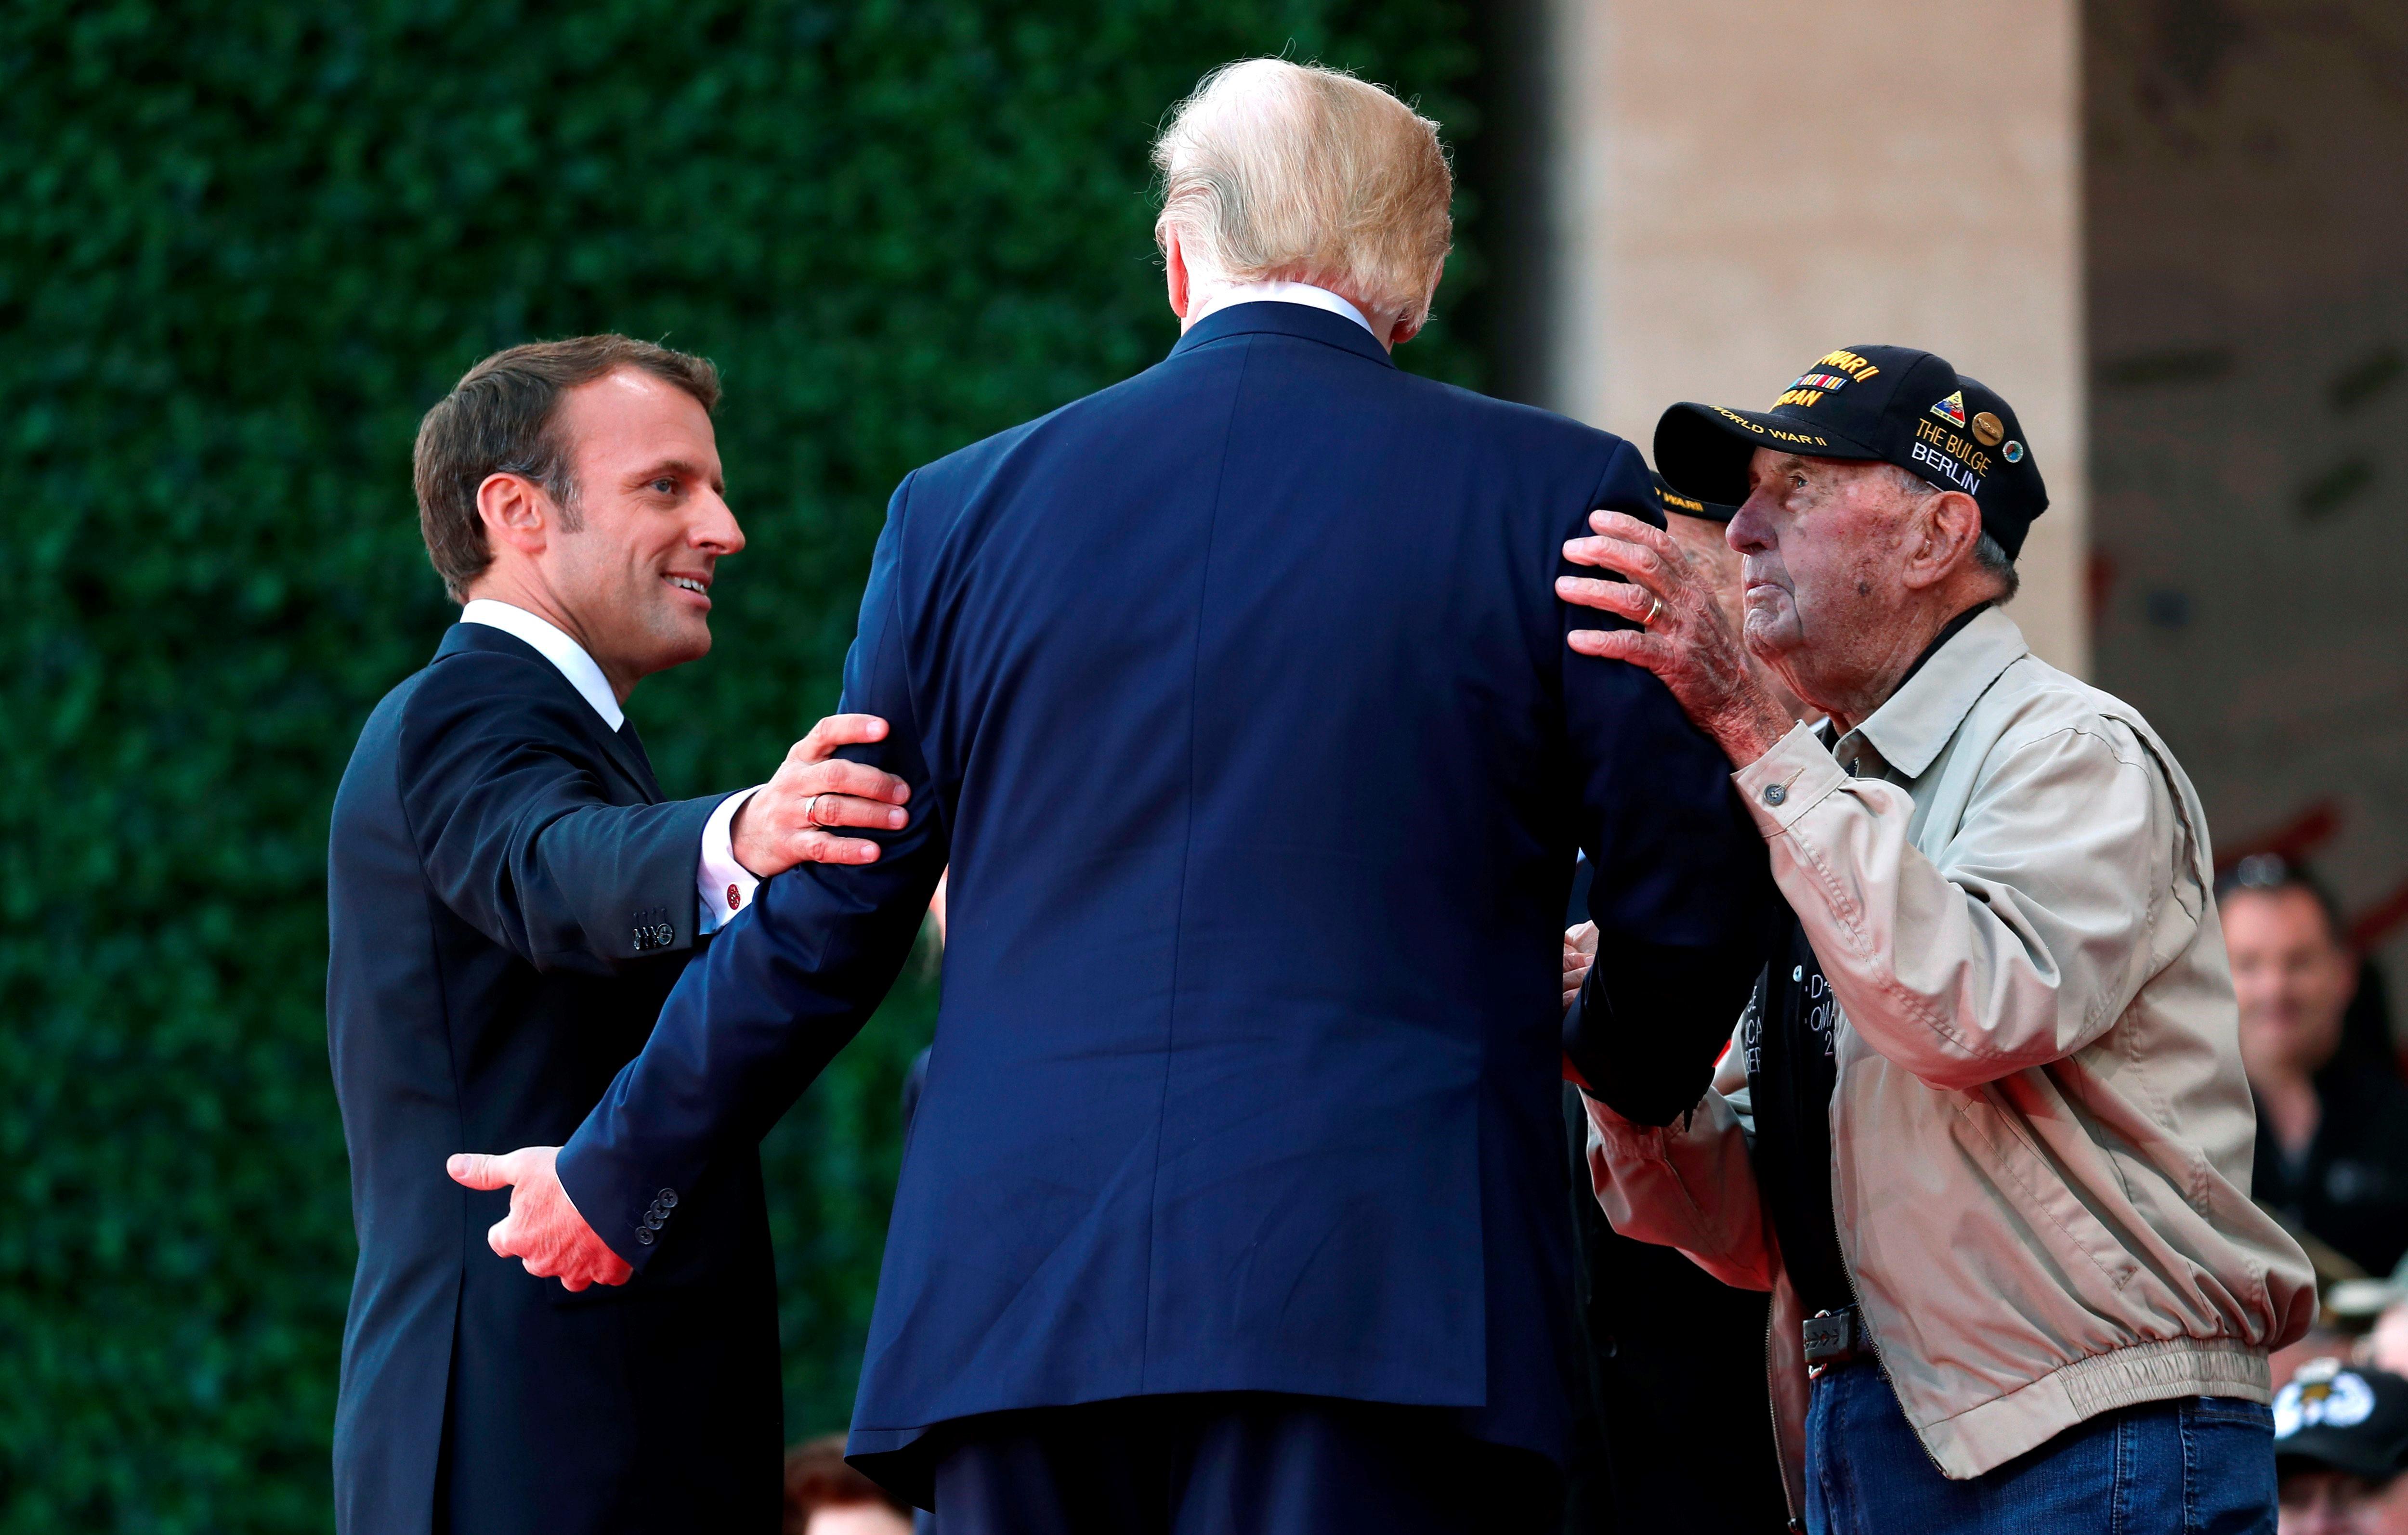 """di Luca Marfé Il D-Day, l'Operazione Overlord, alla lettera quella del """"Signore Supremo"""". Il capolavoro di mezzi, uomini, muscoli, coraggio e depistaggio con cui gli Stati Uniti invasero la Normandia mossi dall'obiettivo di liberare la Francia prima e l'Europa intera poi. I britannici erano cauti, gli americani no. Erano addirittura impazienti. E allora eccola: via ad una delle più grandi manovre militari di tutti i tempi. Una di quelle che avrebbero dato un senso nuovo alla parola """"Libertà""""."""